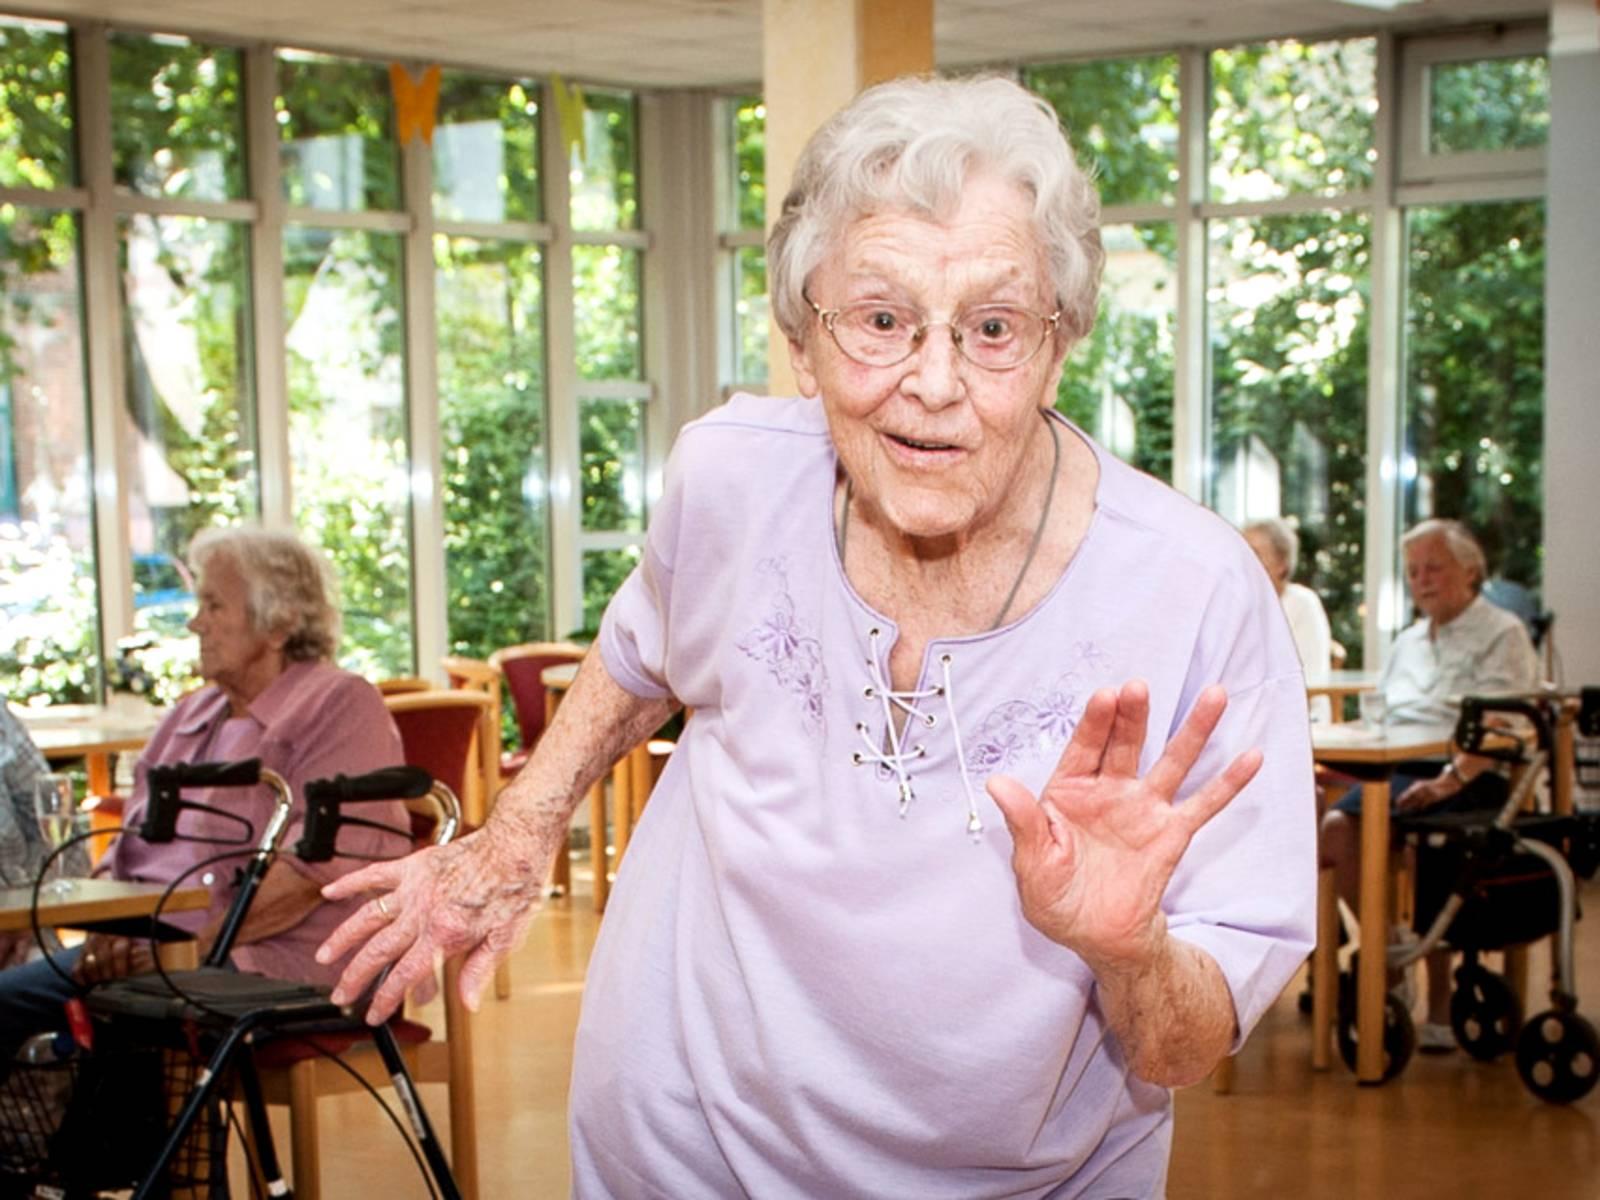 Eine ältere Dame macht einen Sprung nach vorne.